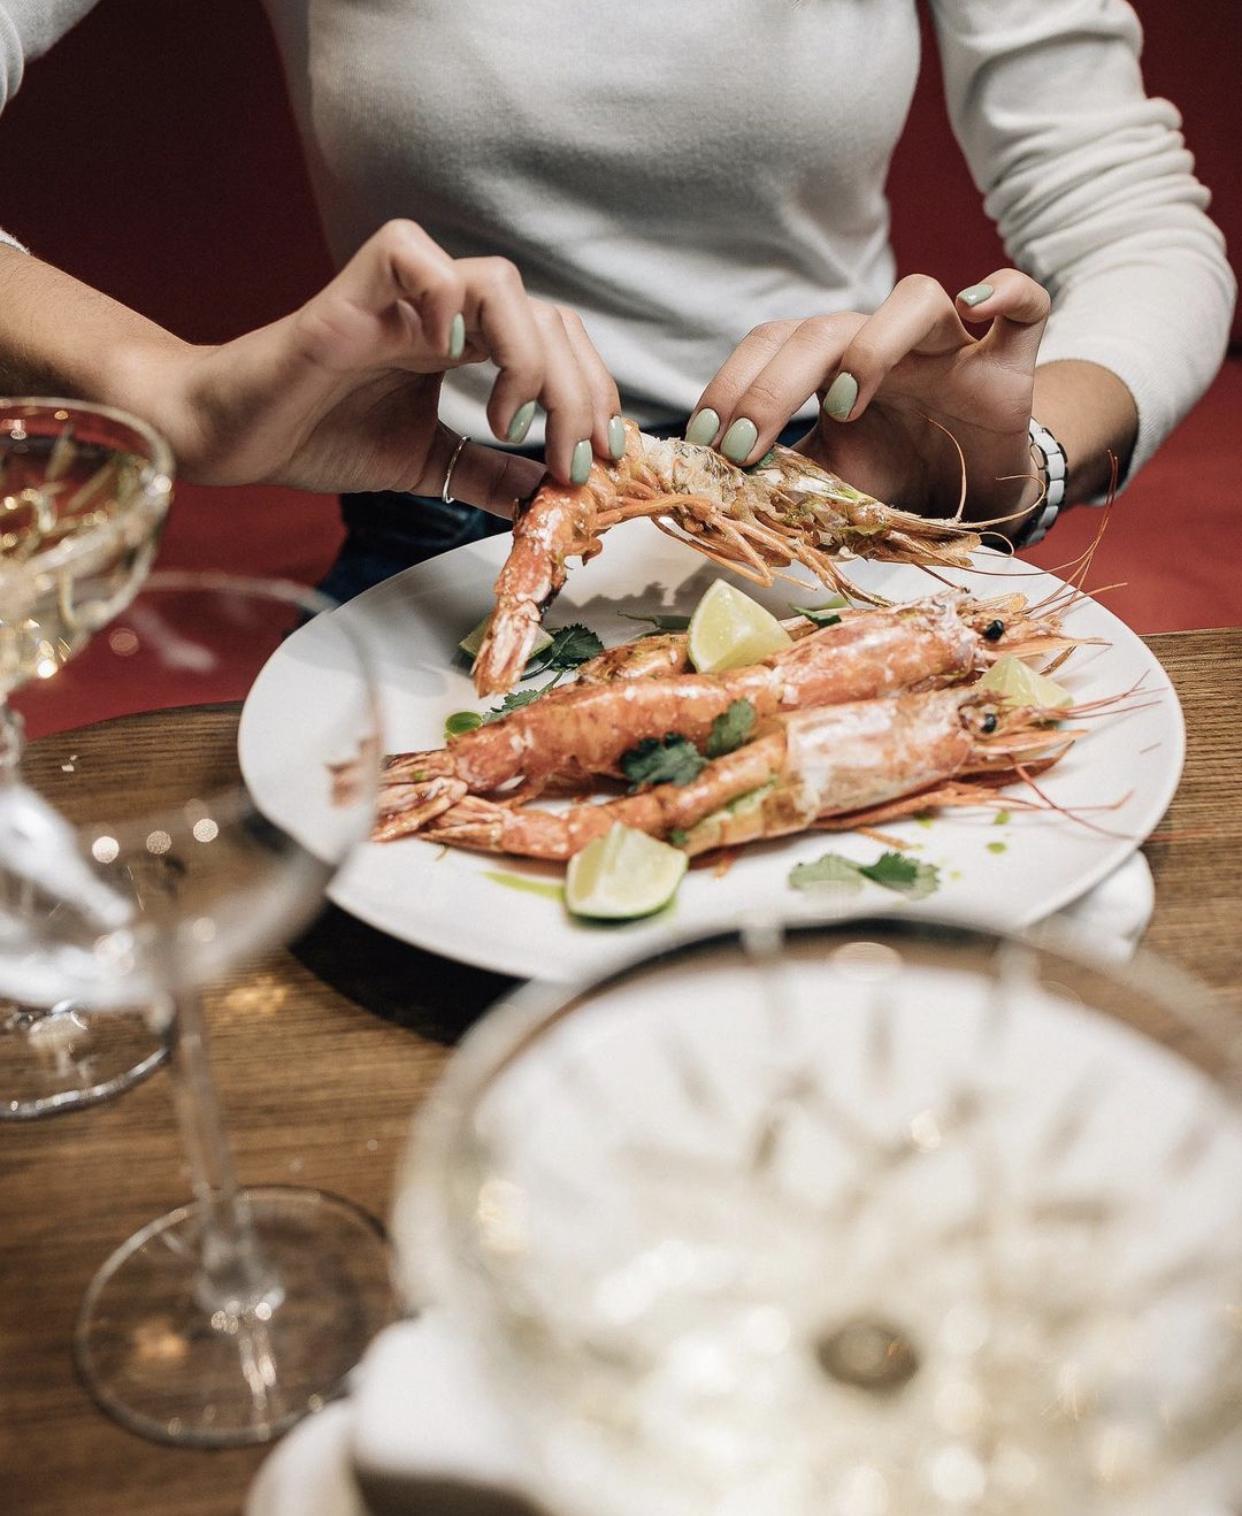 Такос, пицца и лобстер: какие рестораны открылись в Днепре этой зимой. Новости Днепра